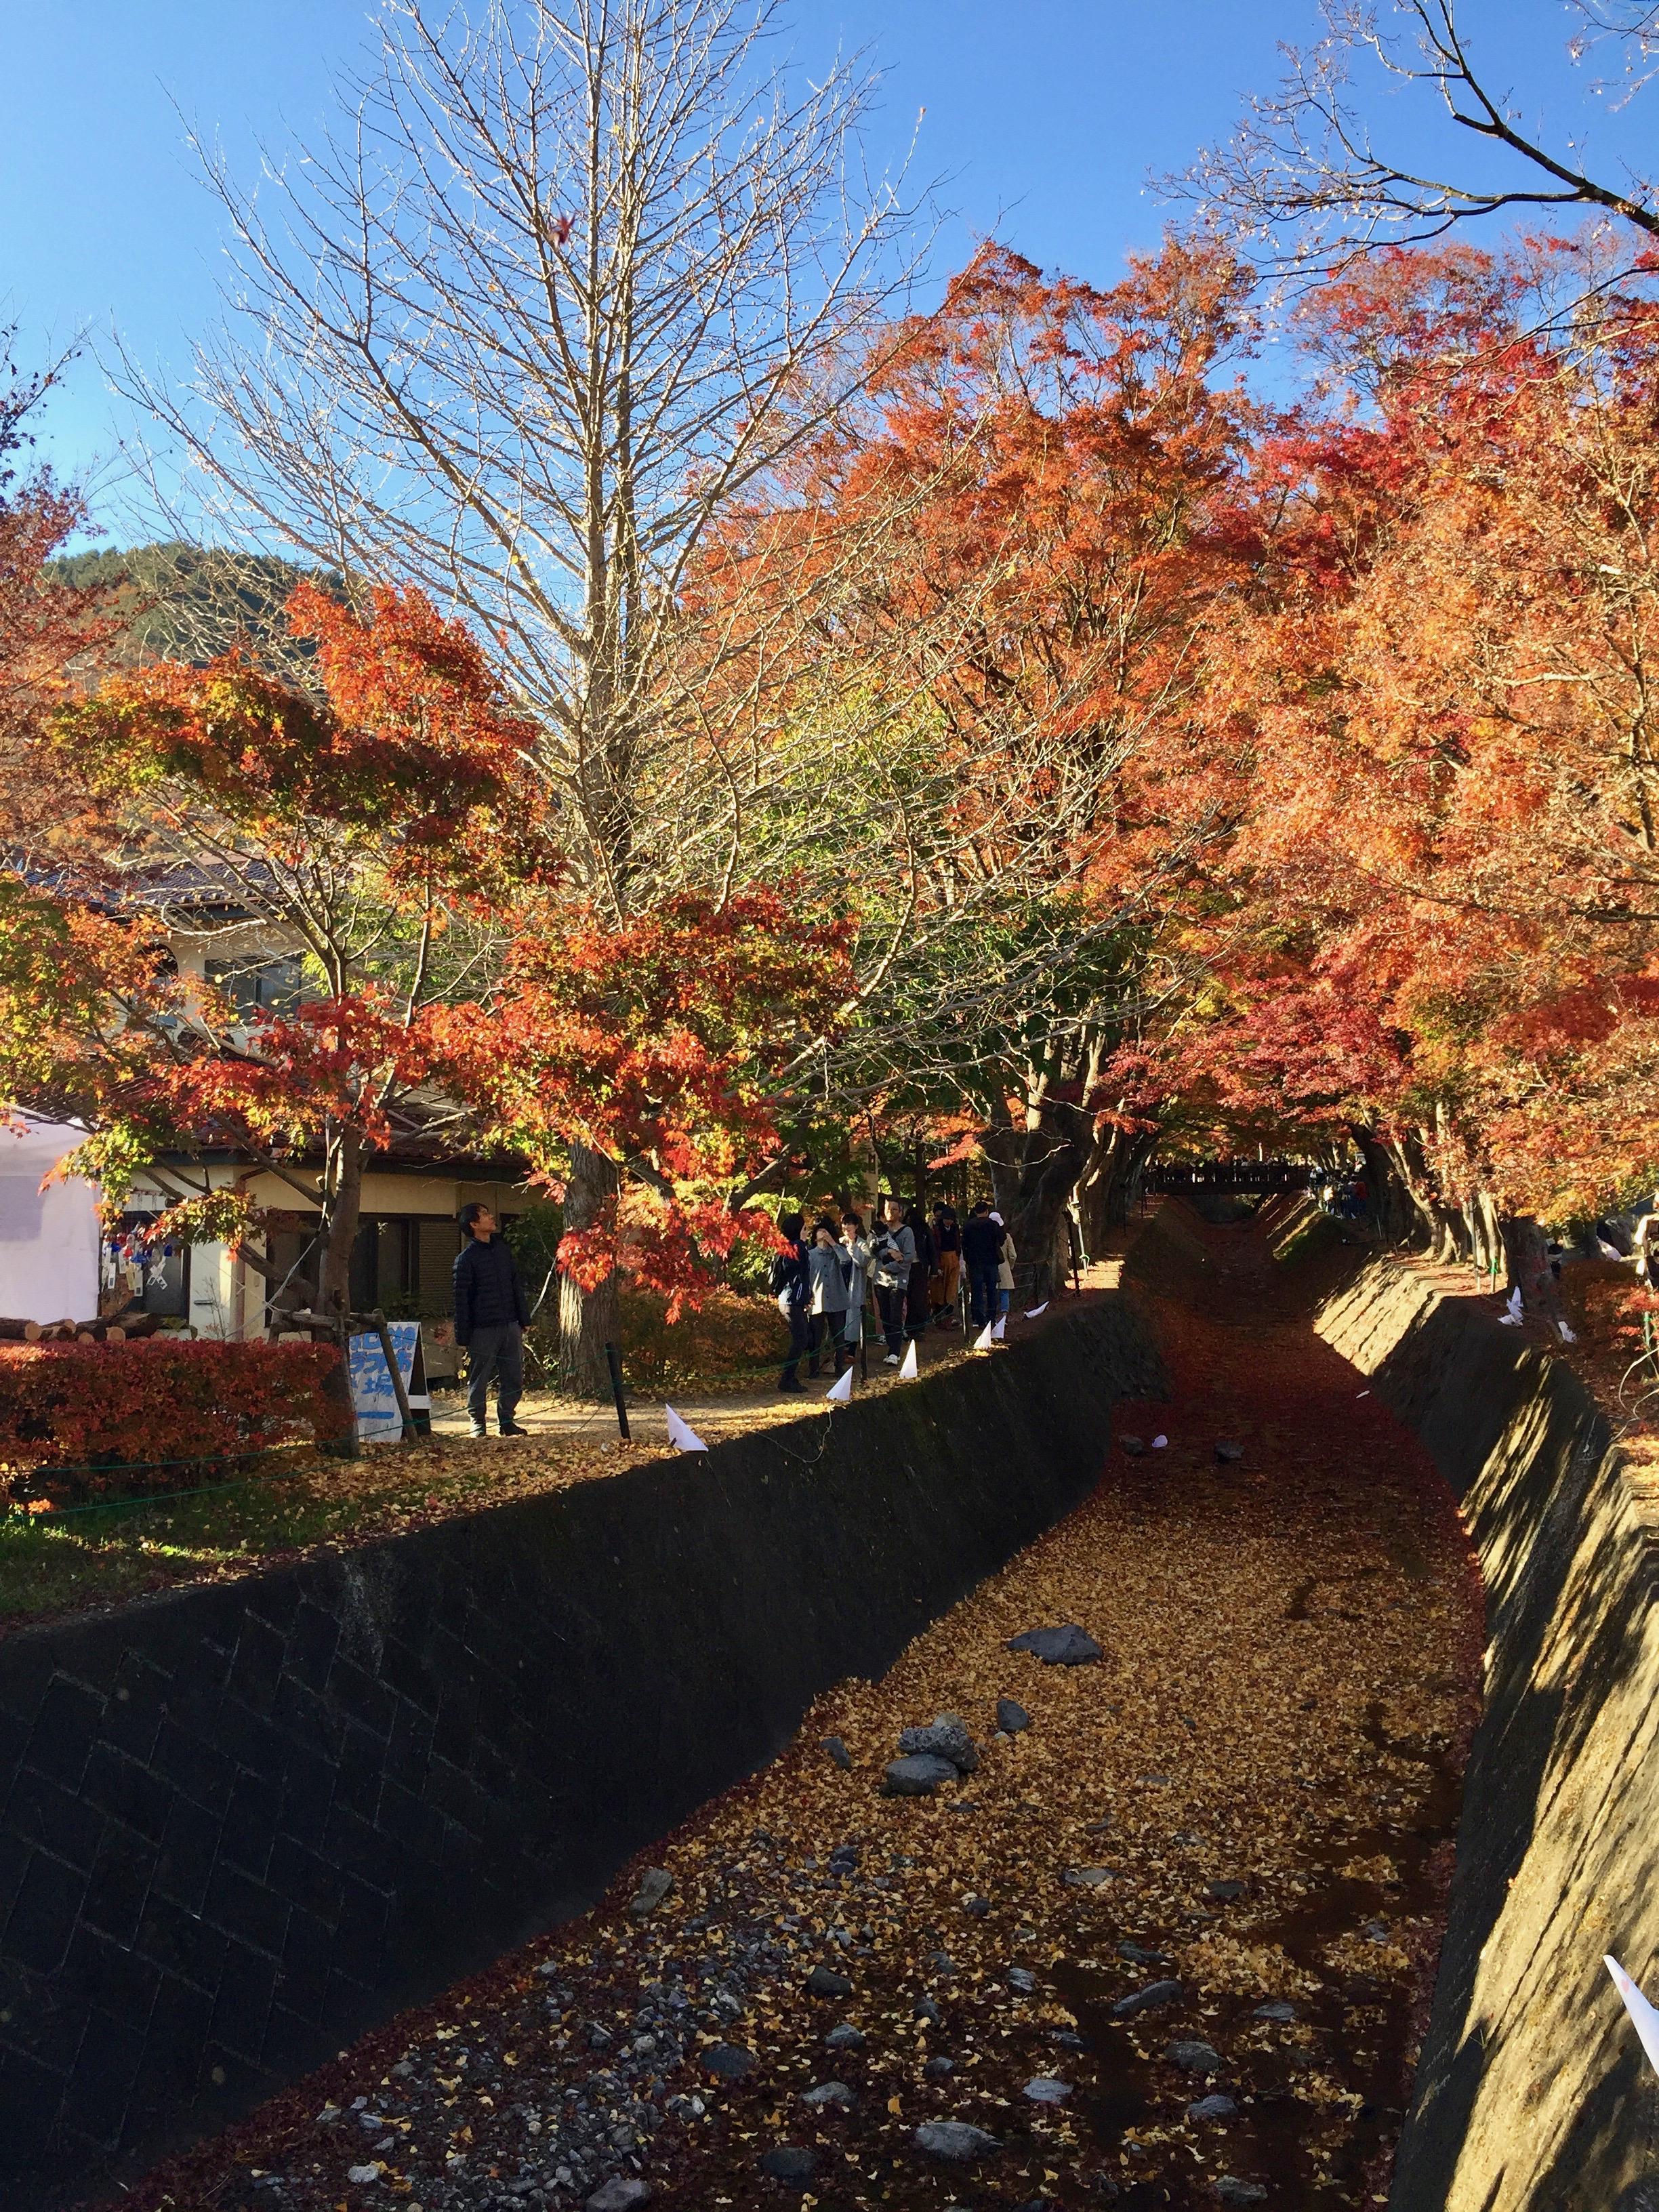 Mount Fuji Momji Corridor fall foliage